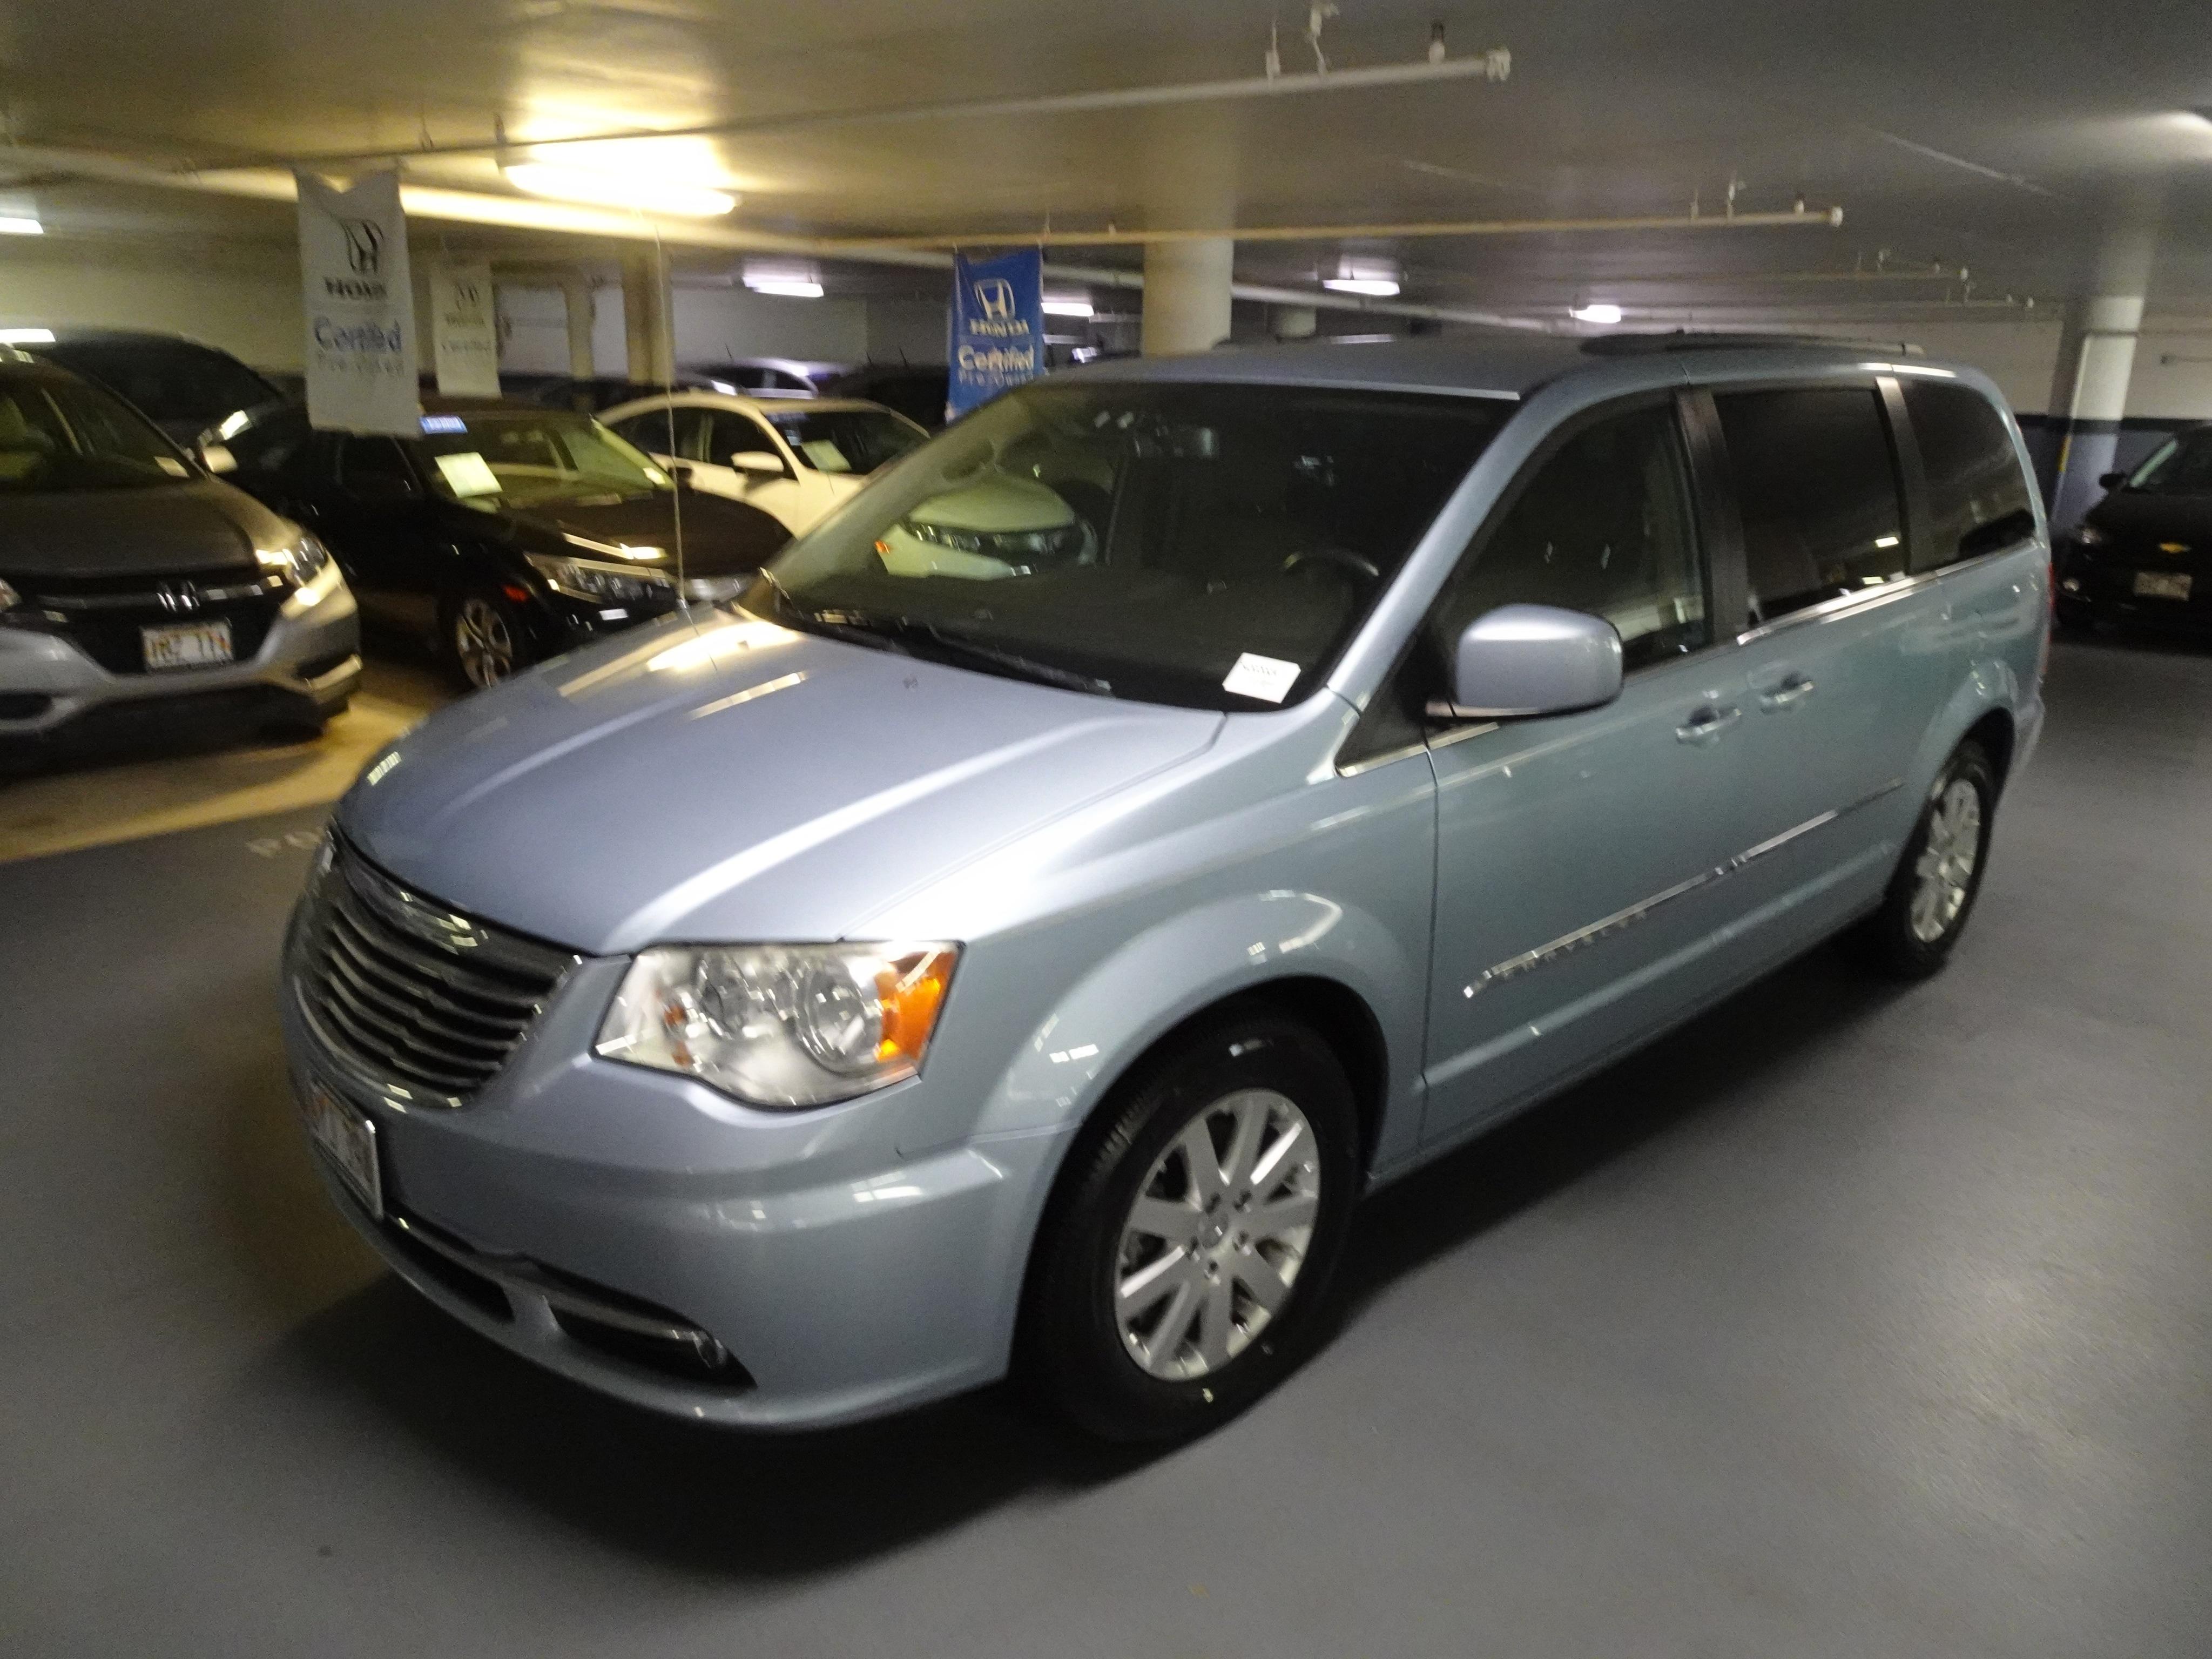 Used 2013 Chrysler Town & Country Touring Minivan/Van in Honolulu